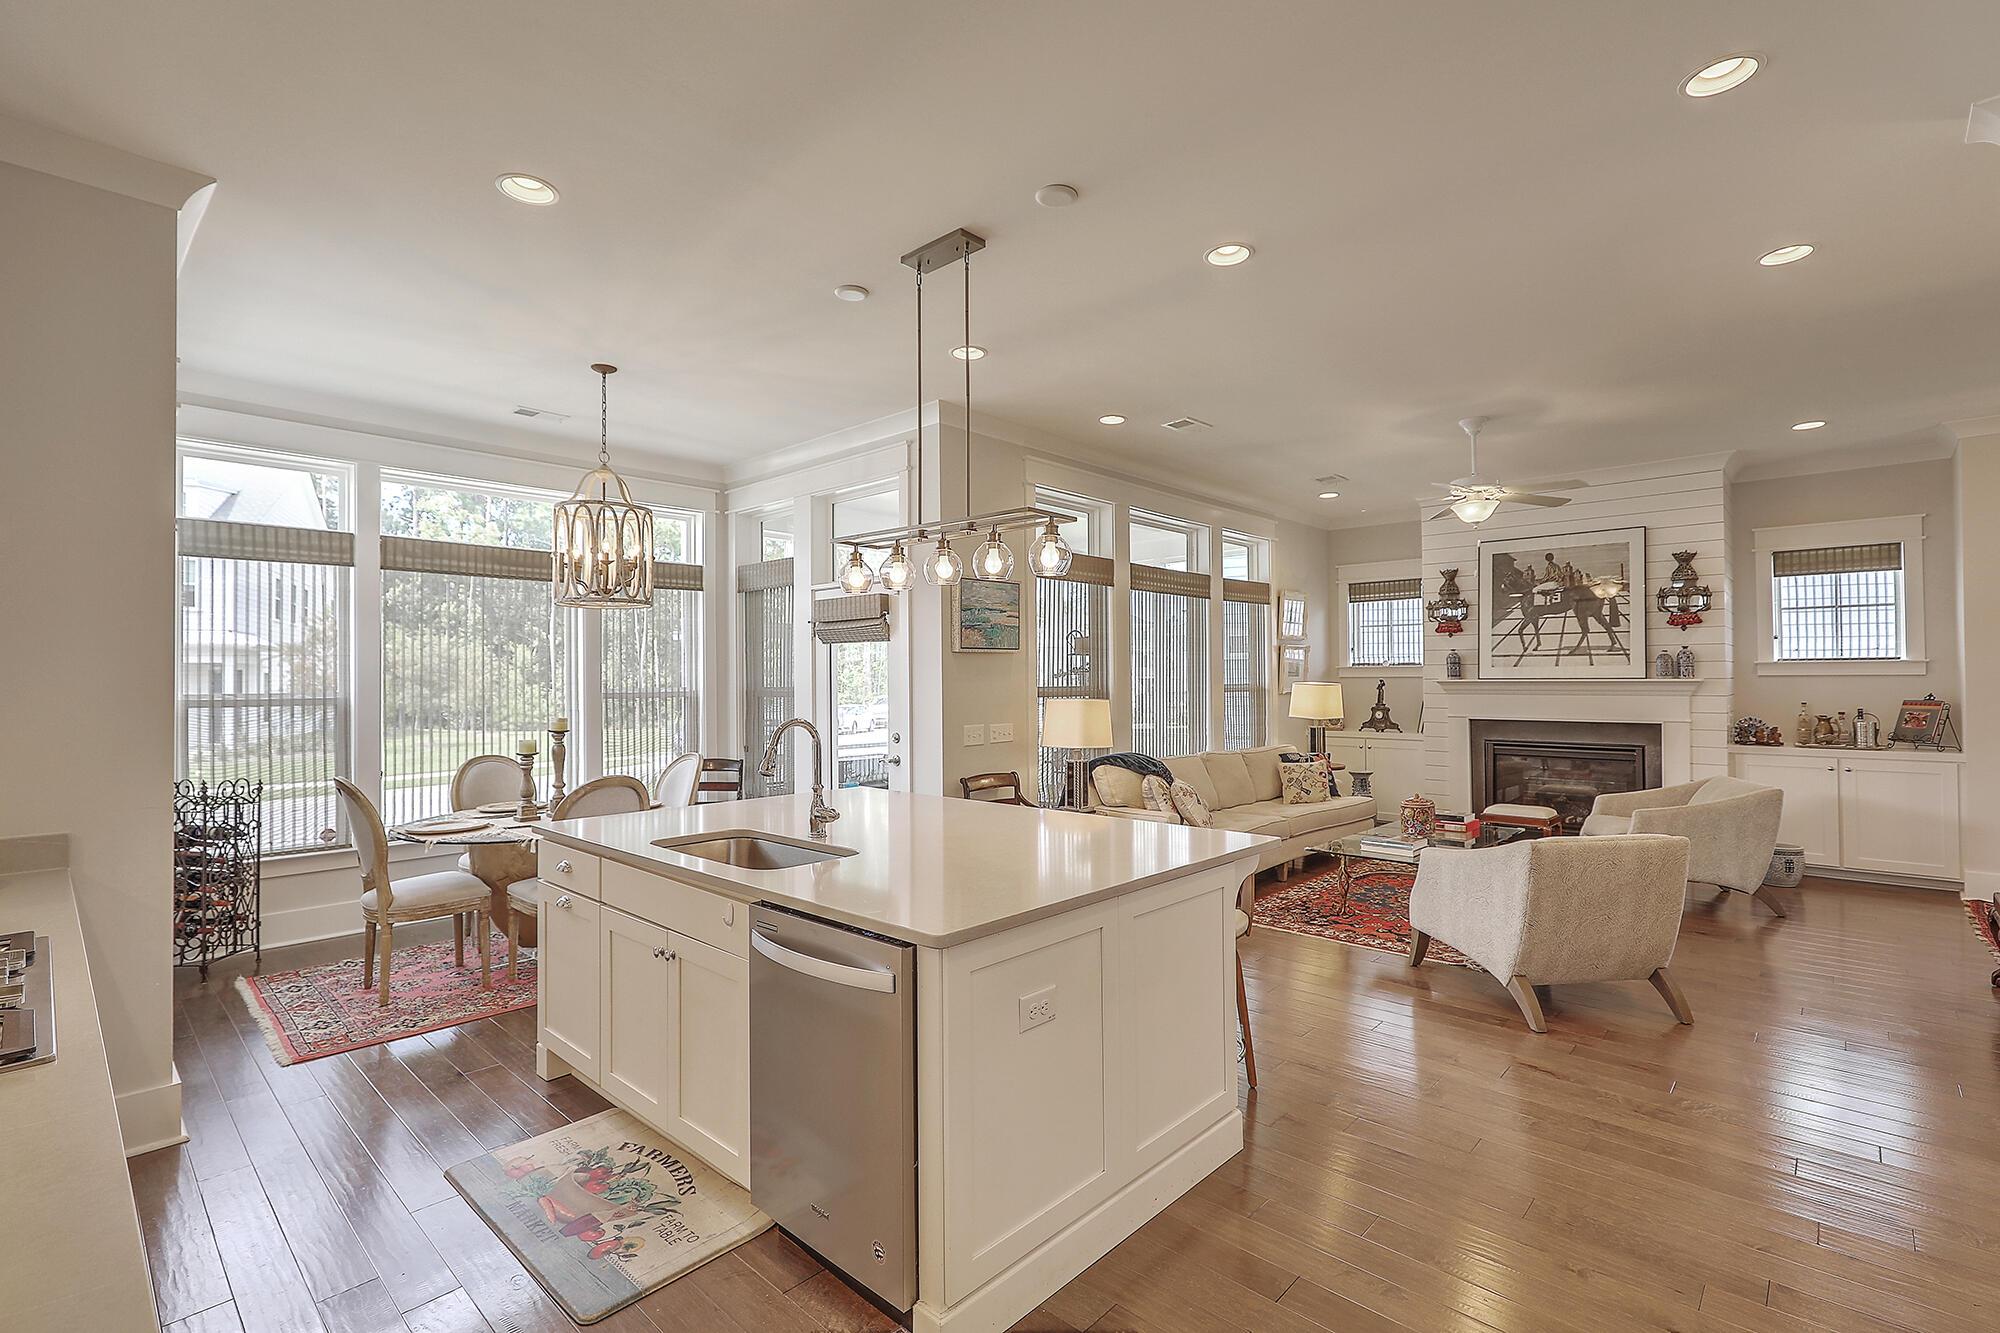 Dunes West Homes For Sale - 2915 Eddy, Mount Pleasant, SC - 4